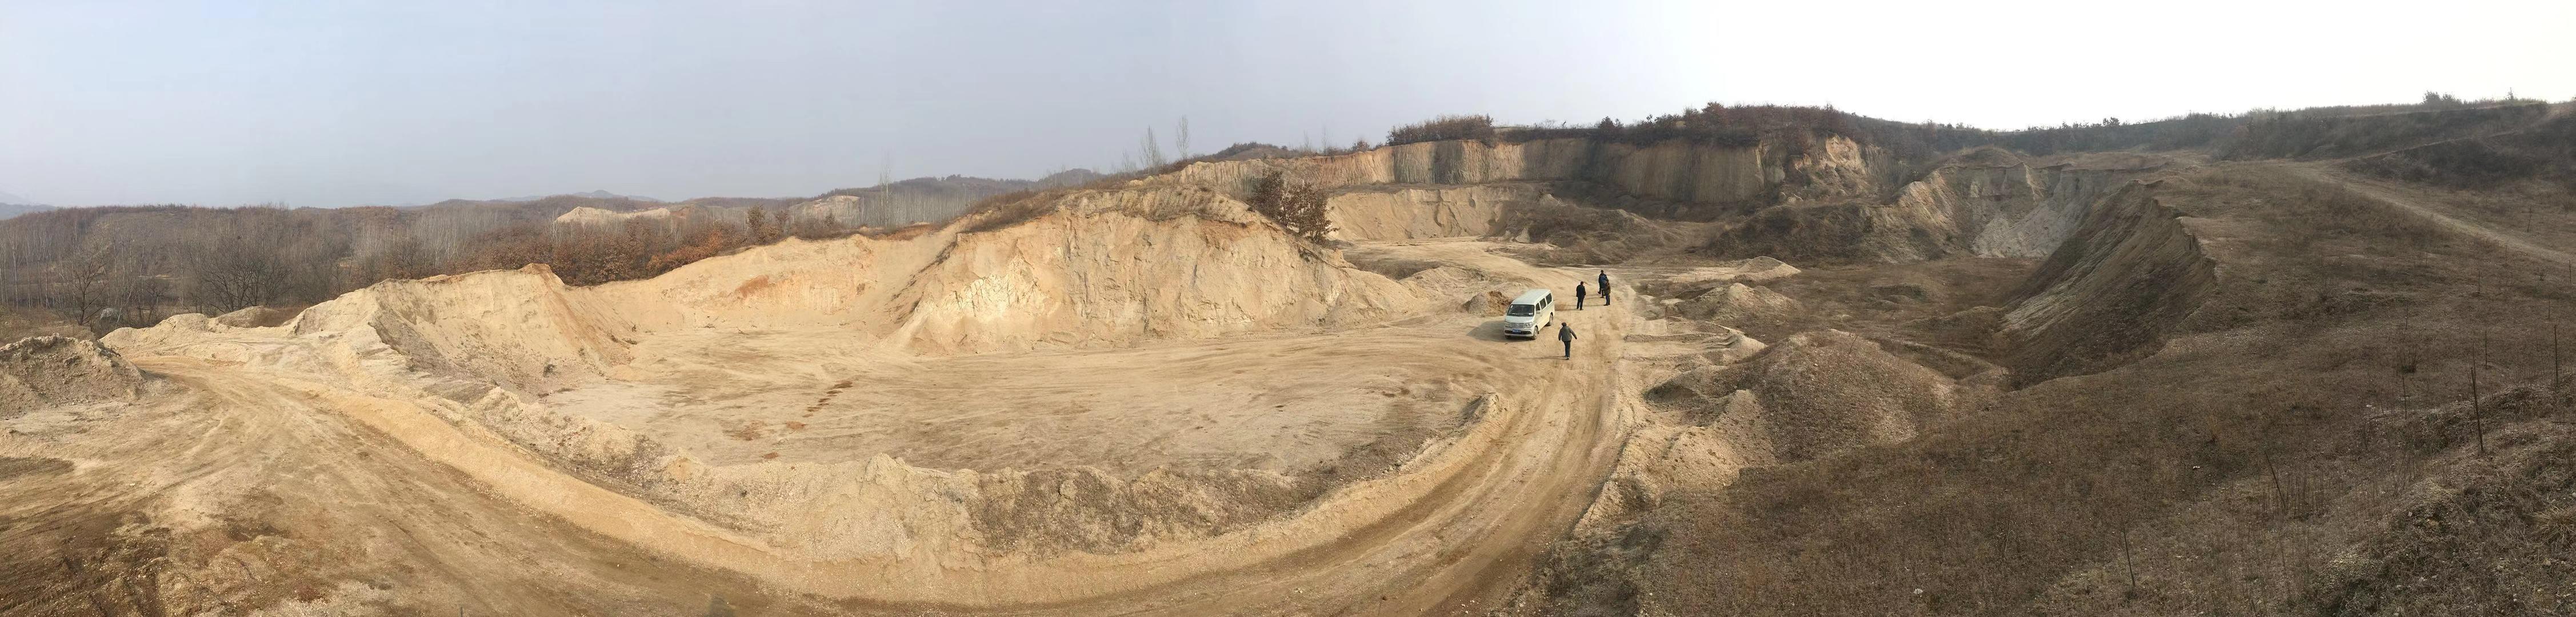 河南长石矿探矿权融资